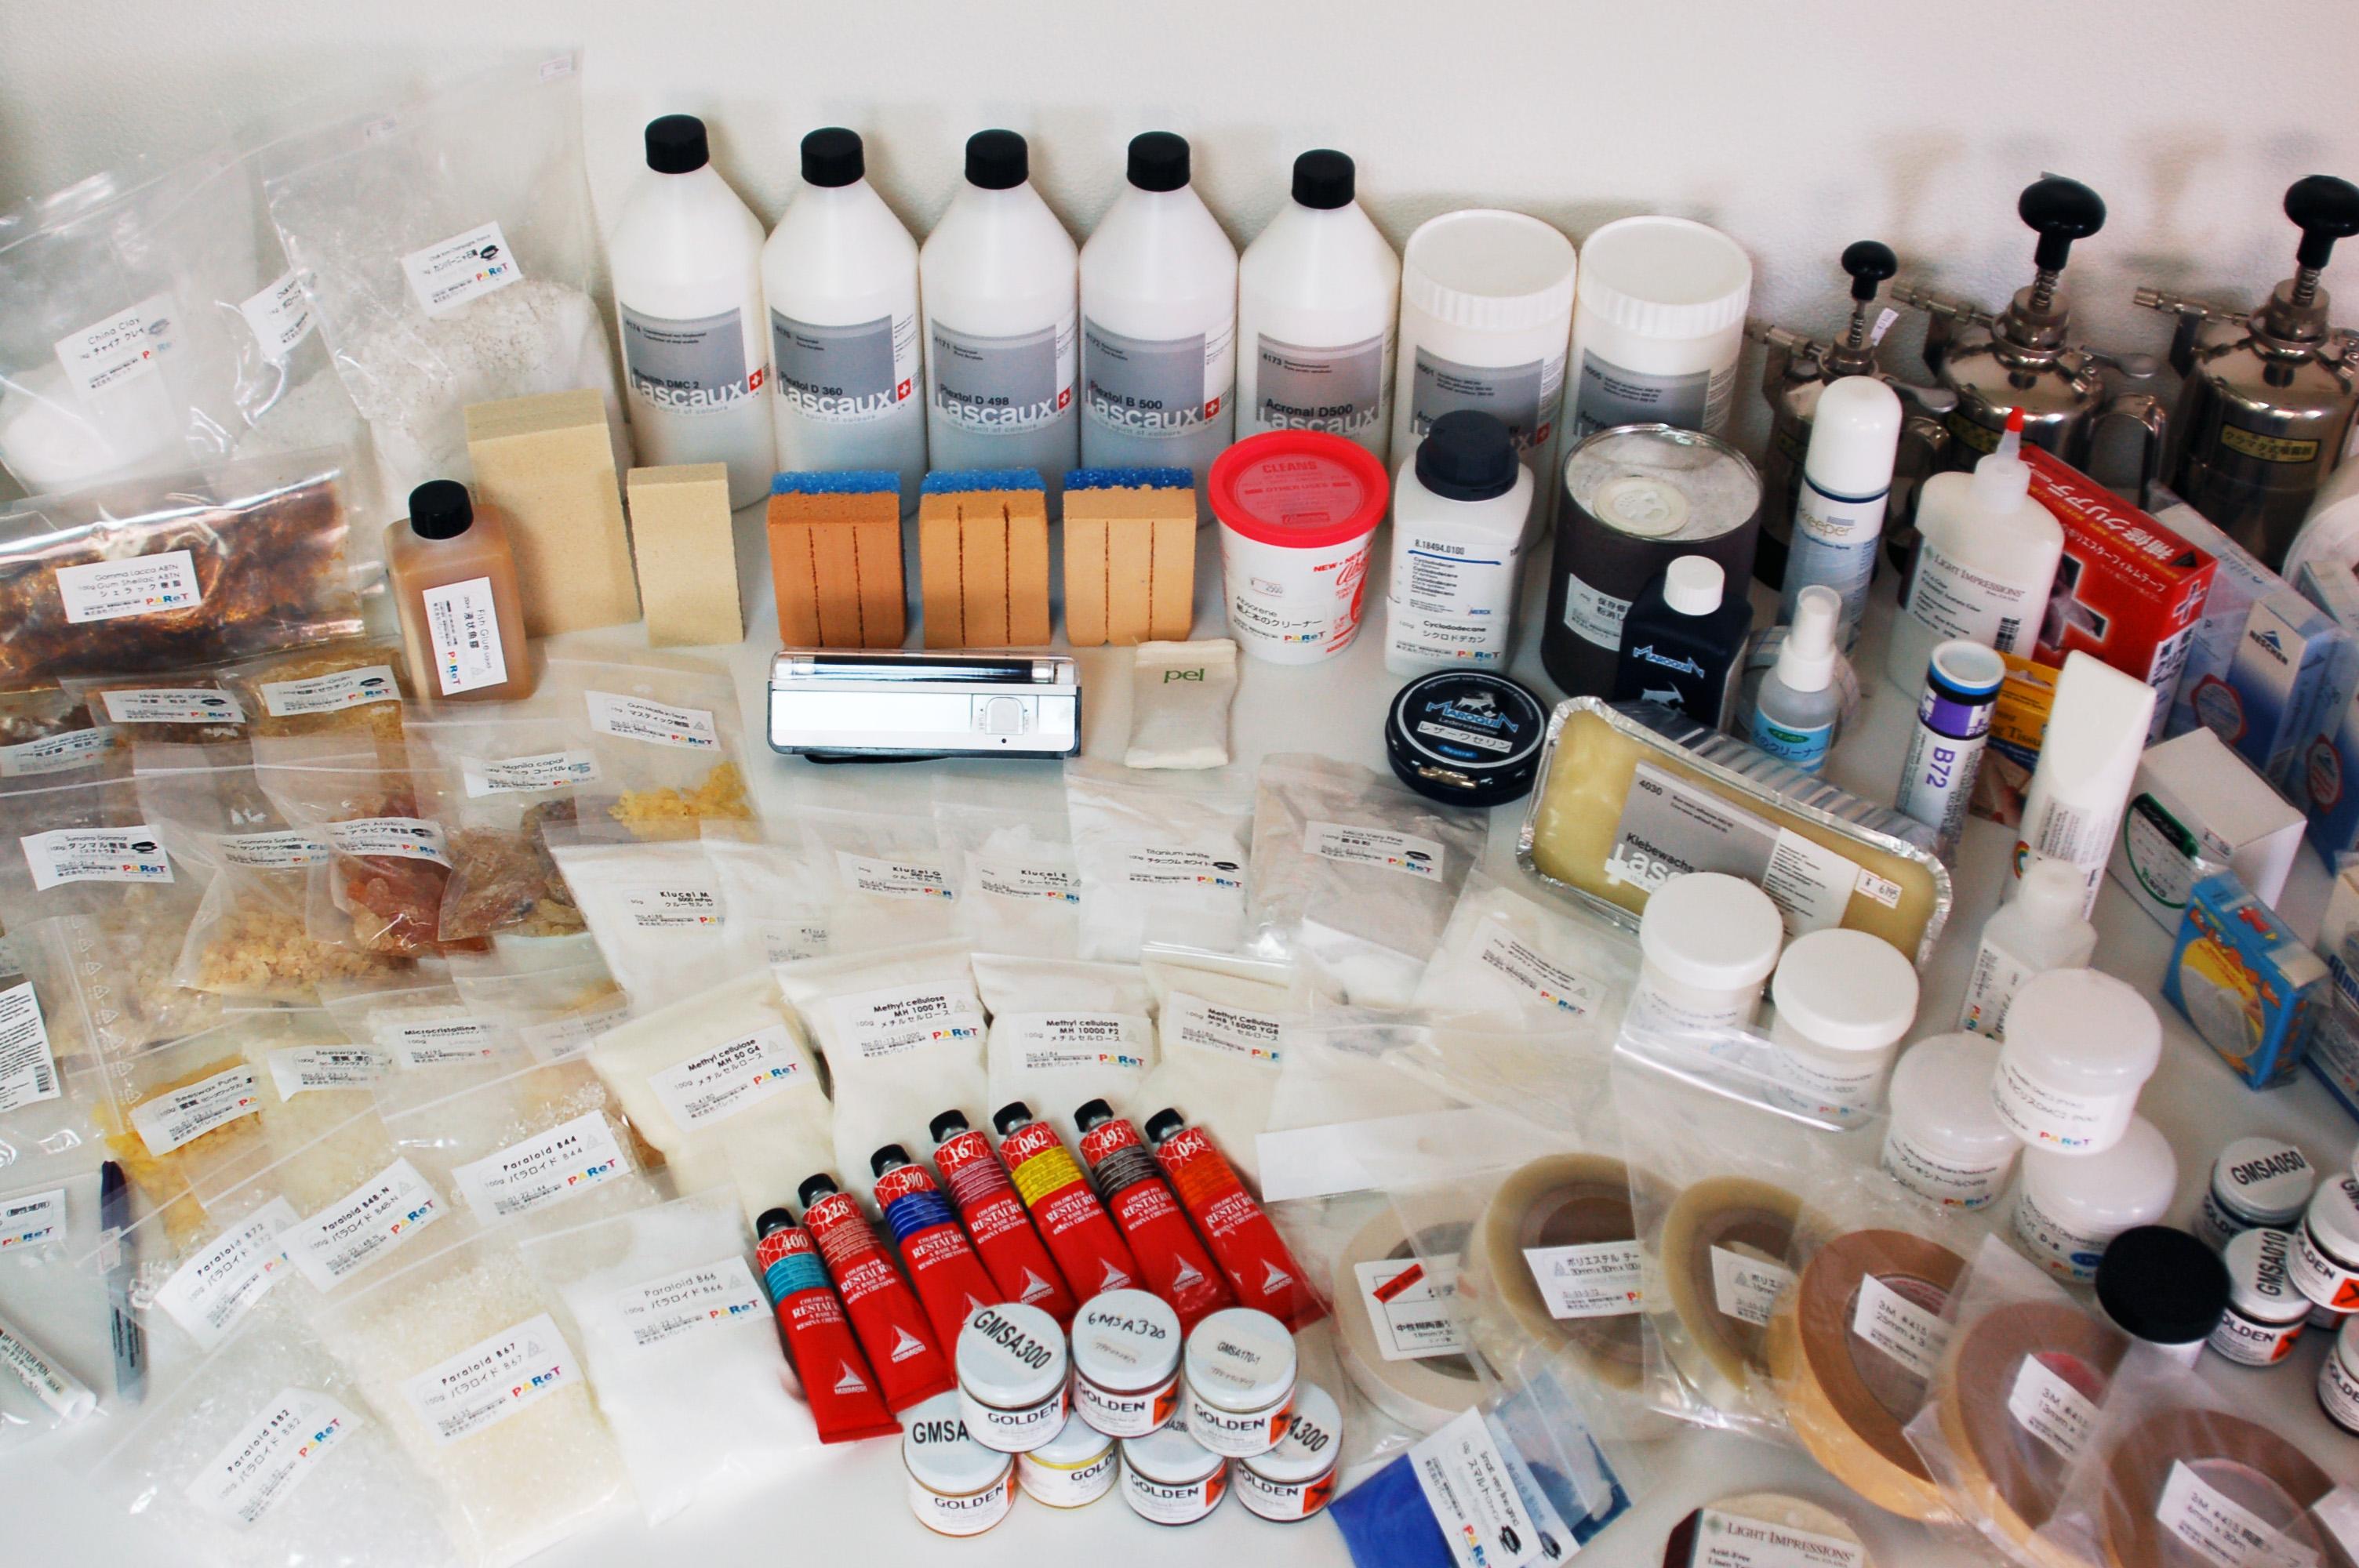 株式会社パレットにて取り扱う商品の一部。 必要なものを適量に揃えることができる 。